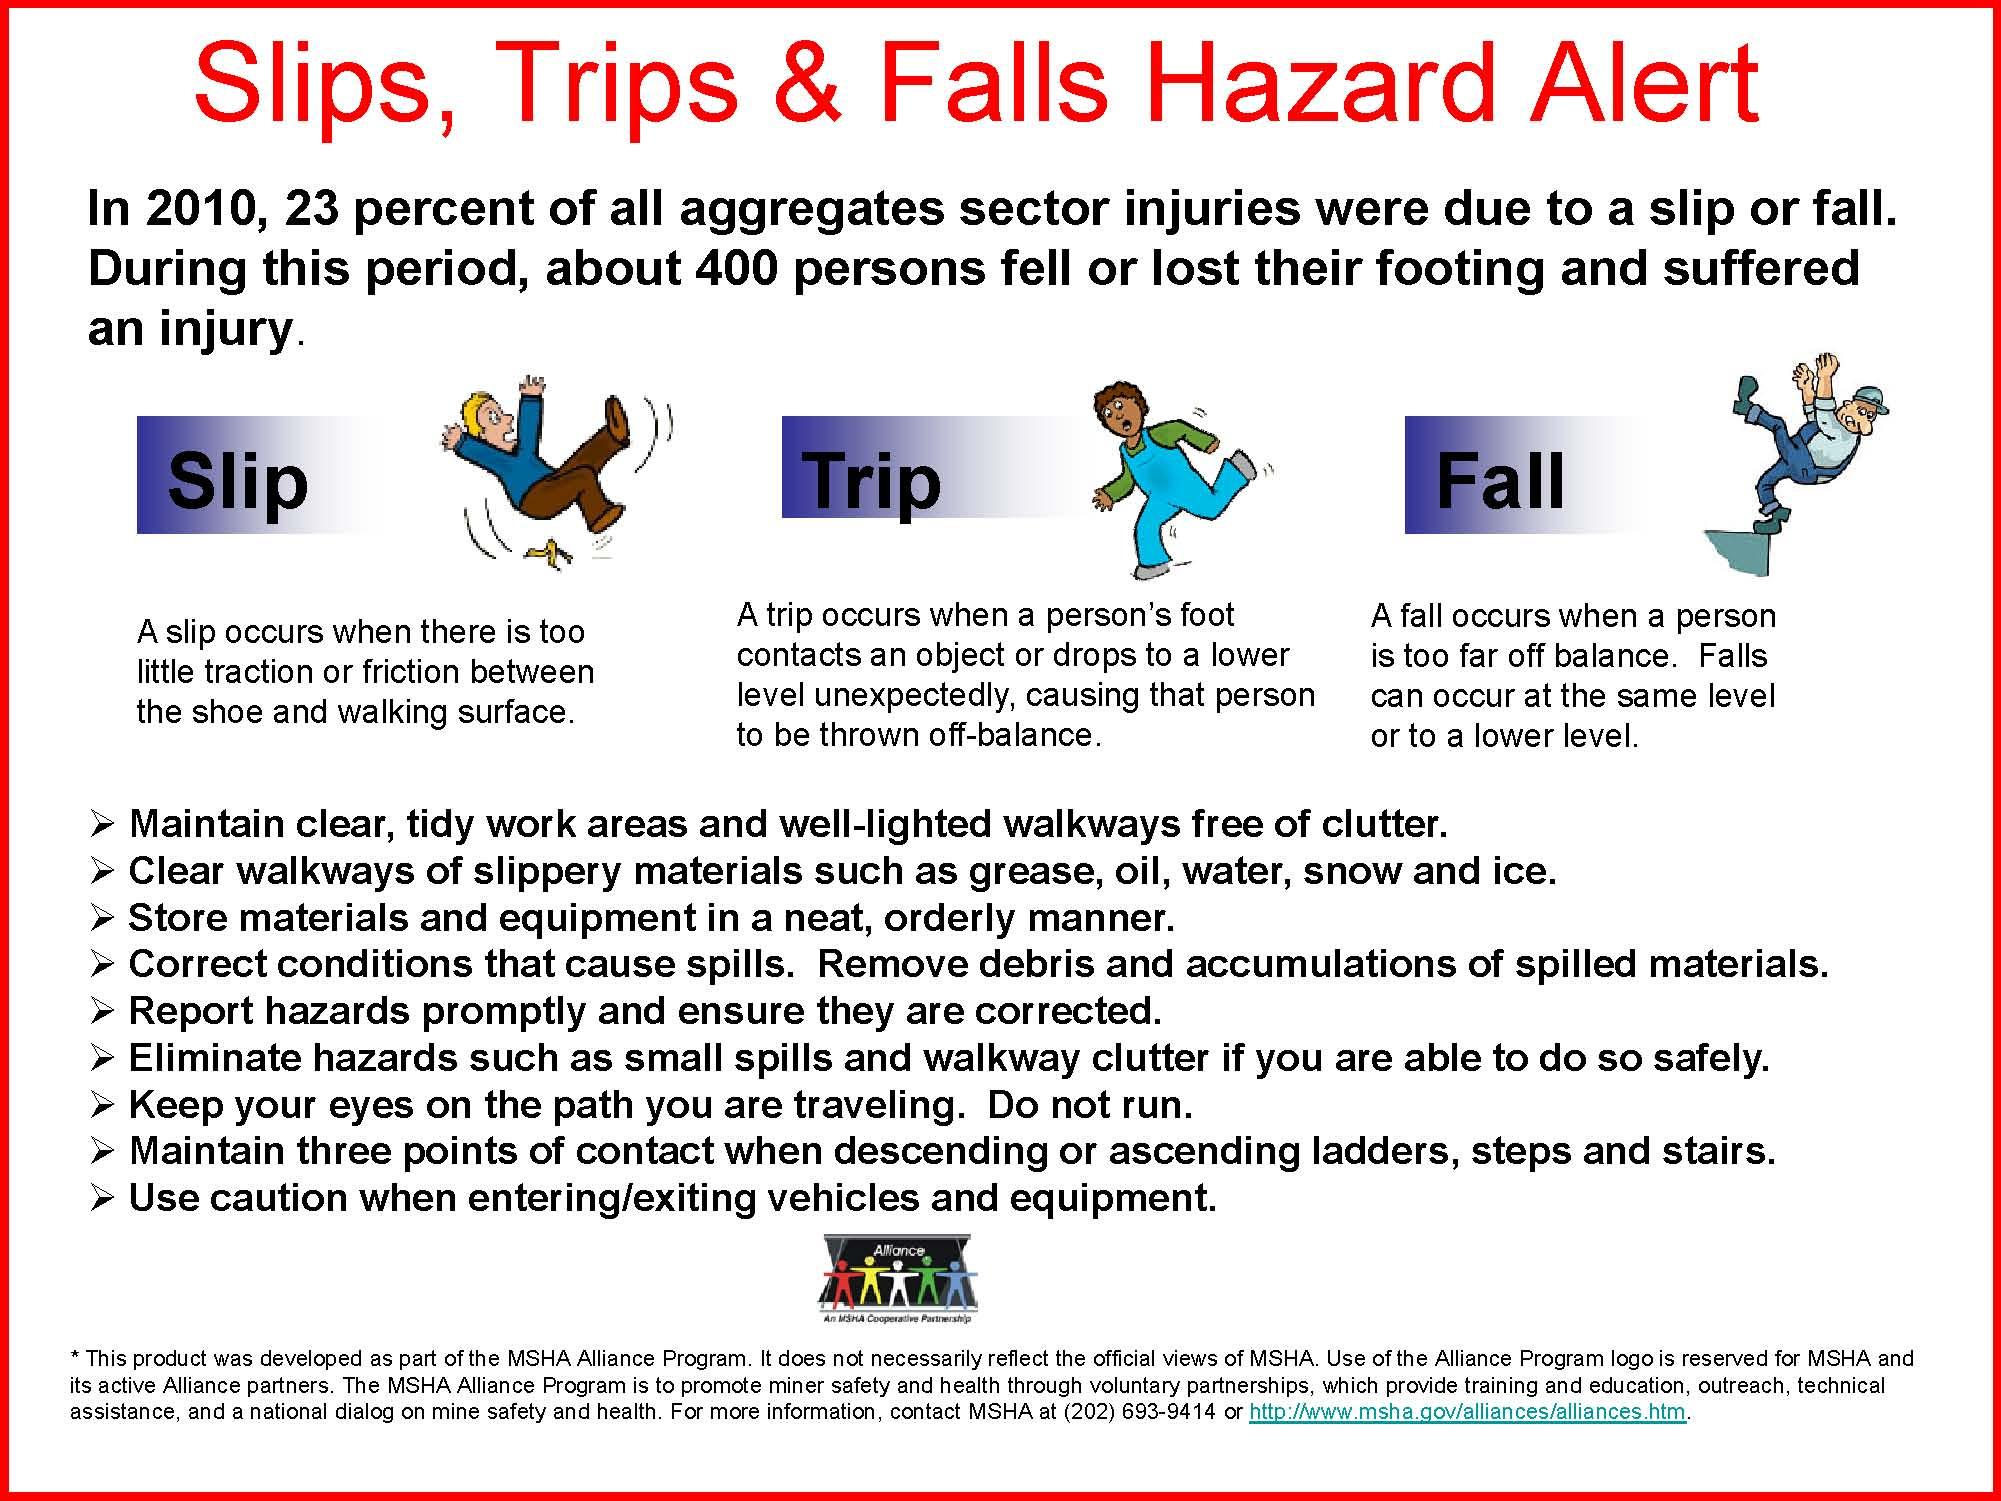 Slips Trips Falls Hazard Alert Federal Safety